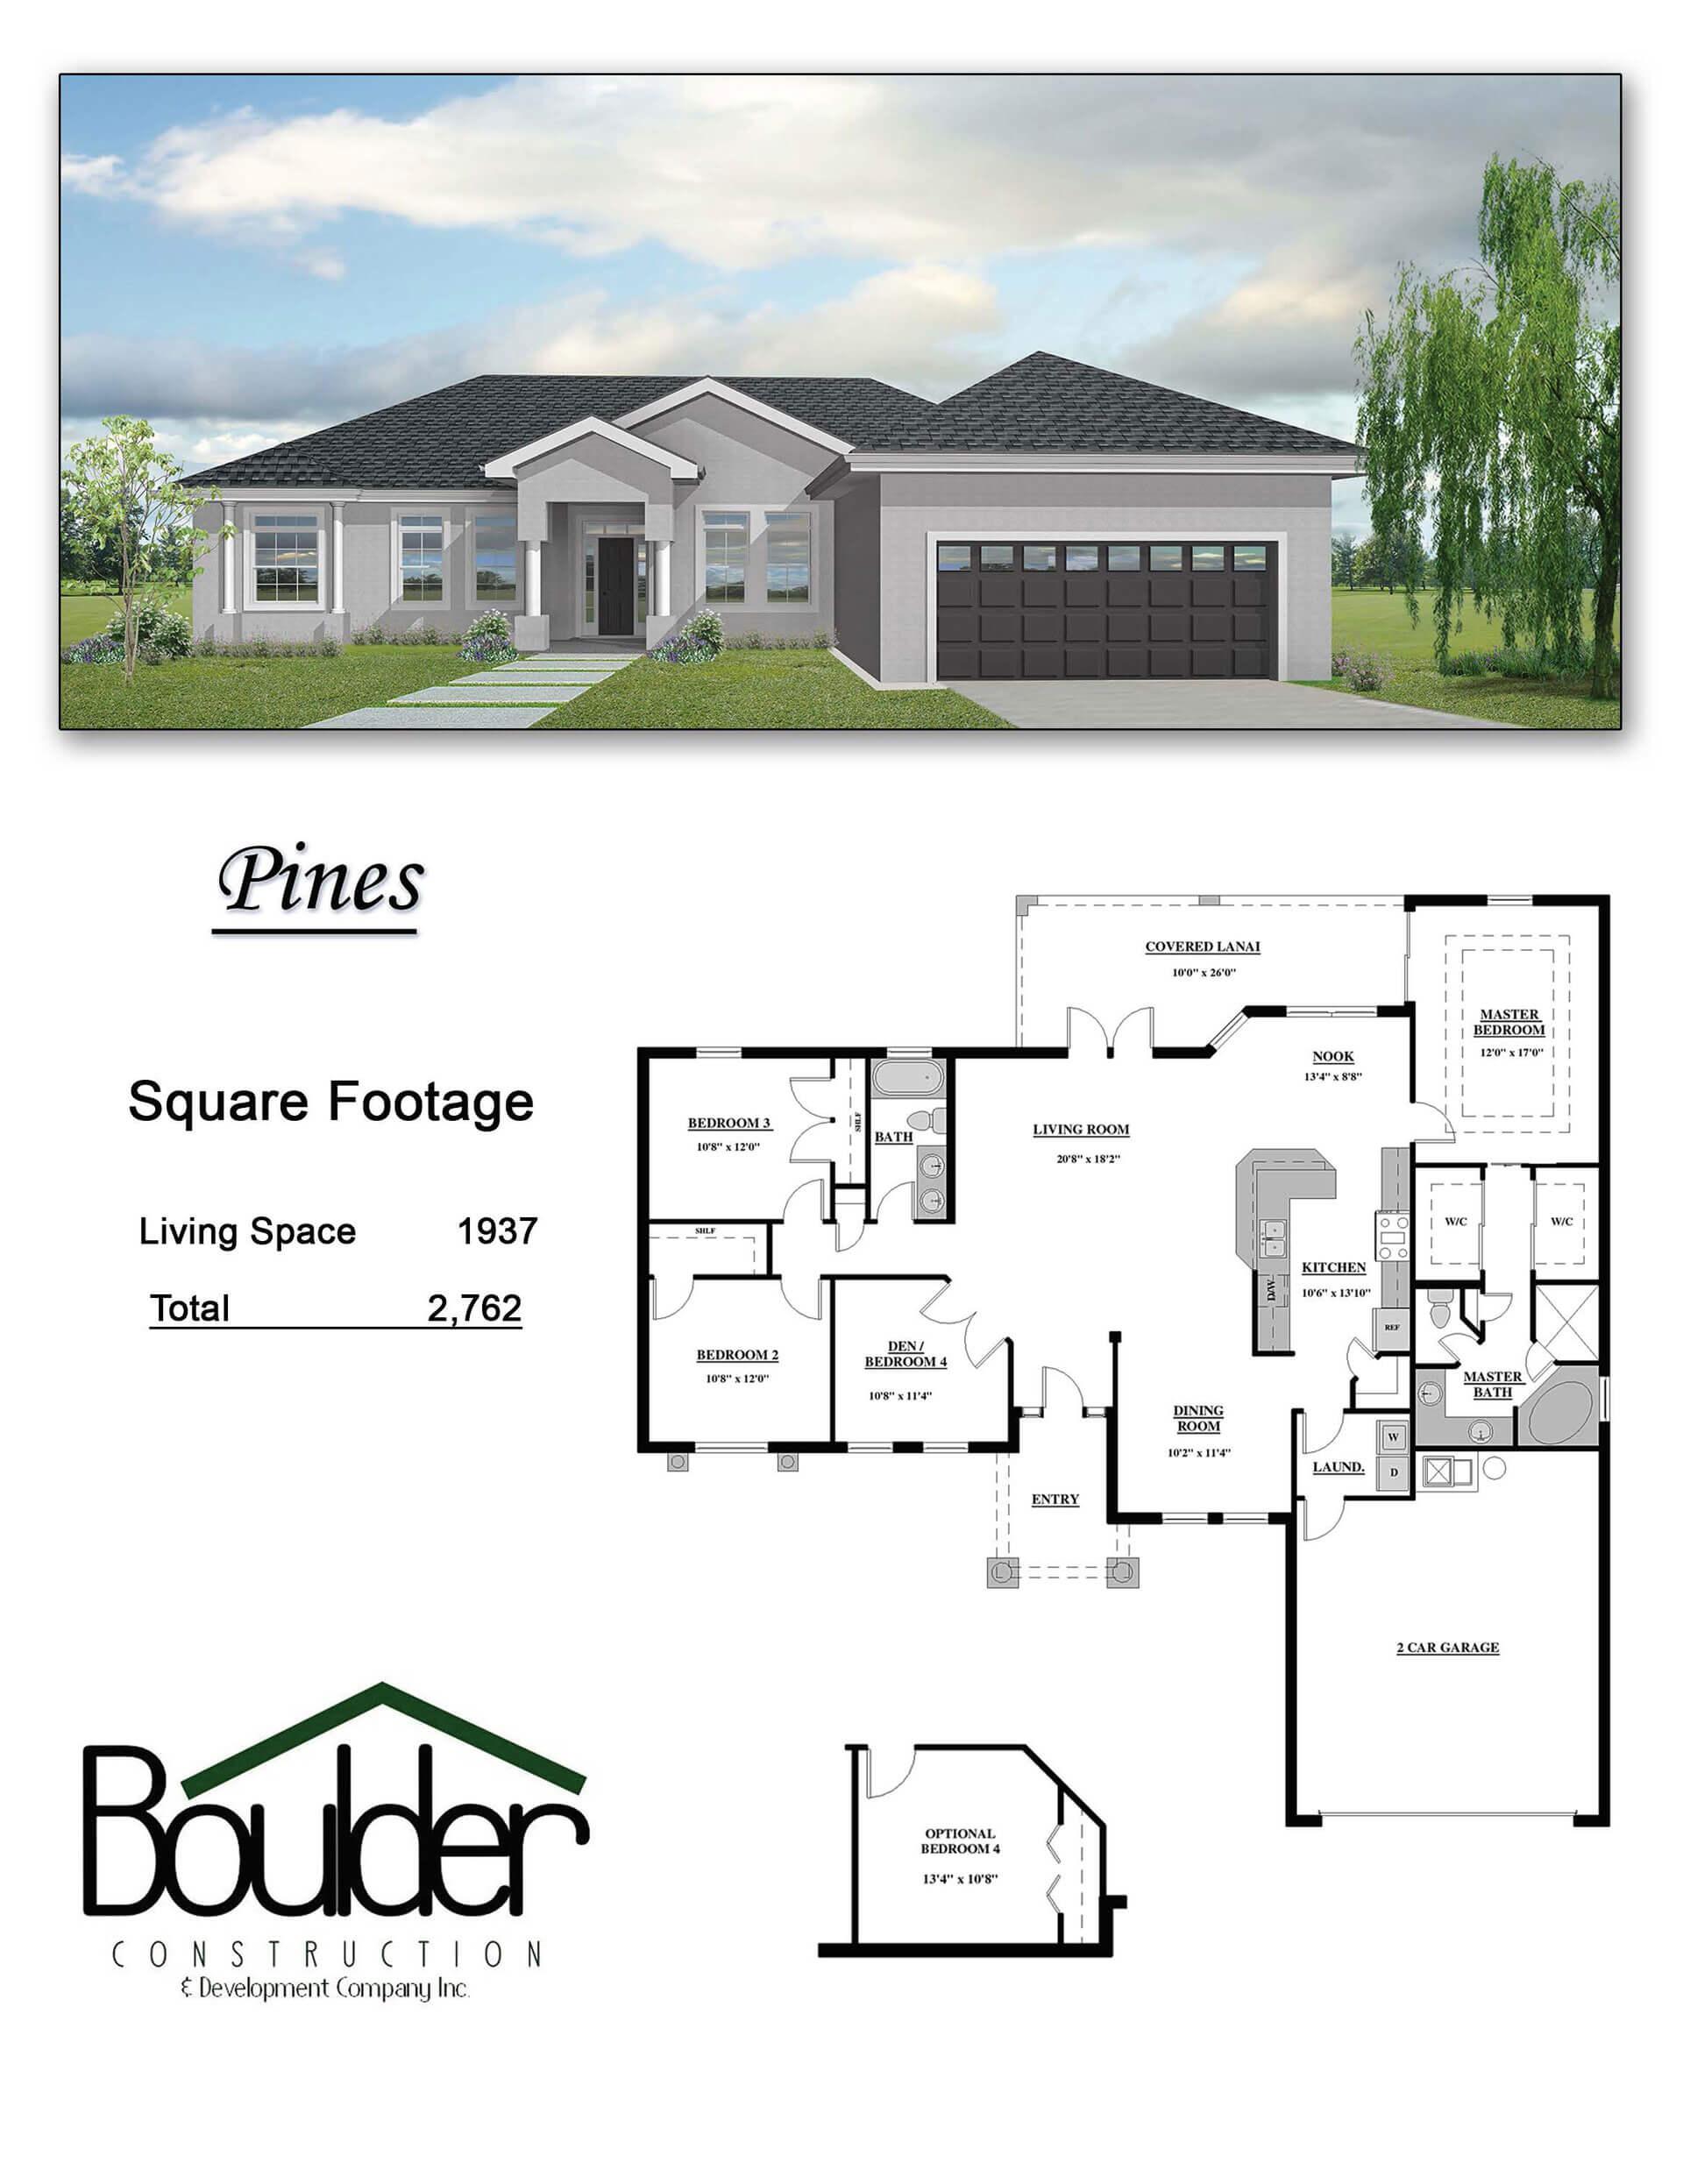 boulder-construction-pines-floor-plan